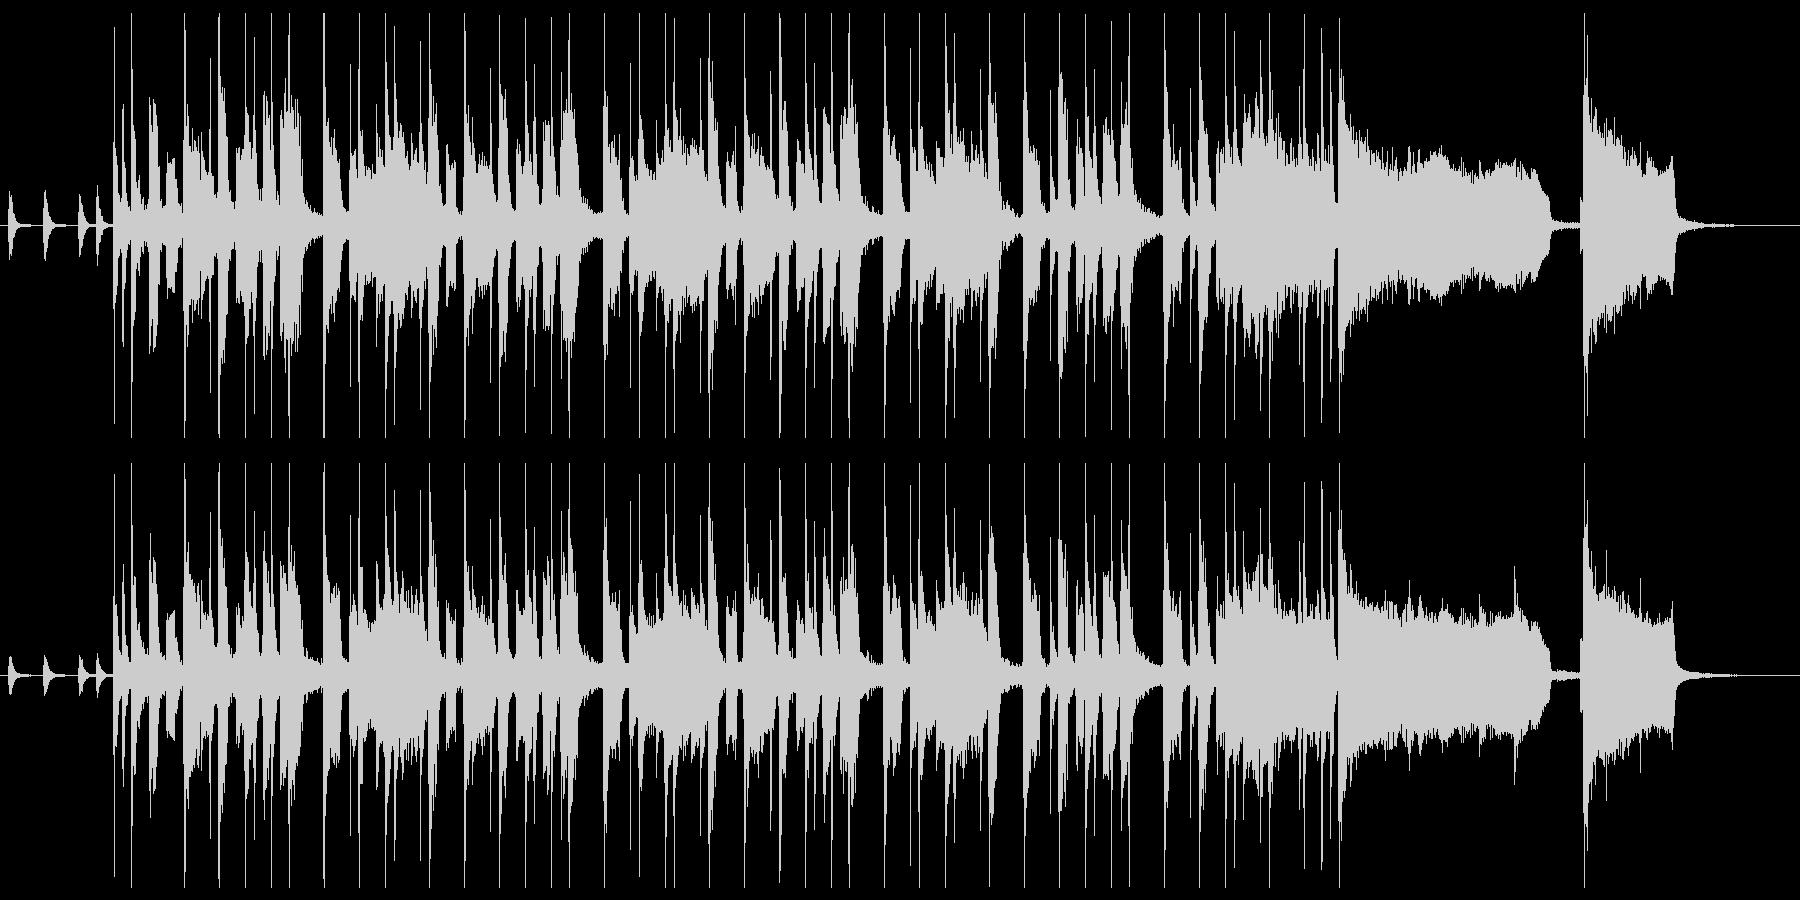 ファンキーなクラビネットの元気が出る曲の未再生の波形